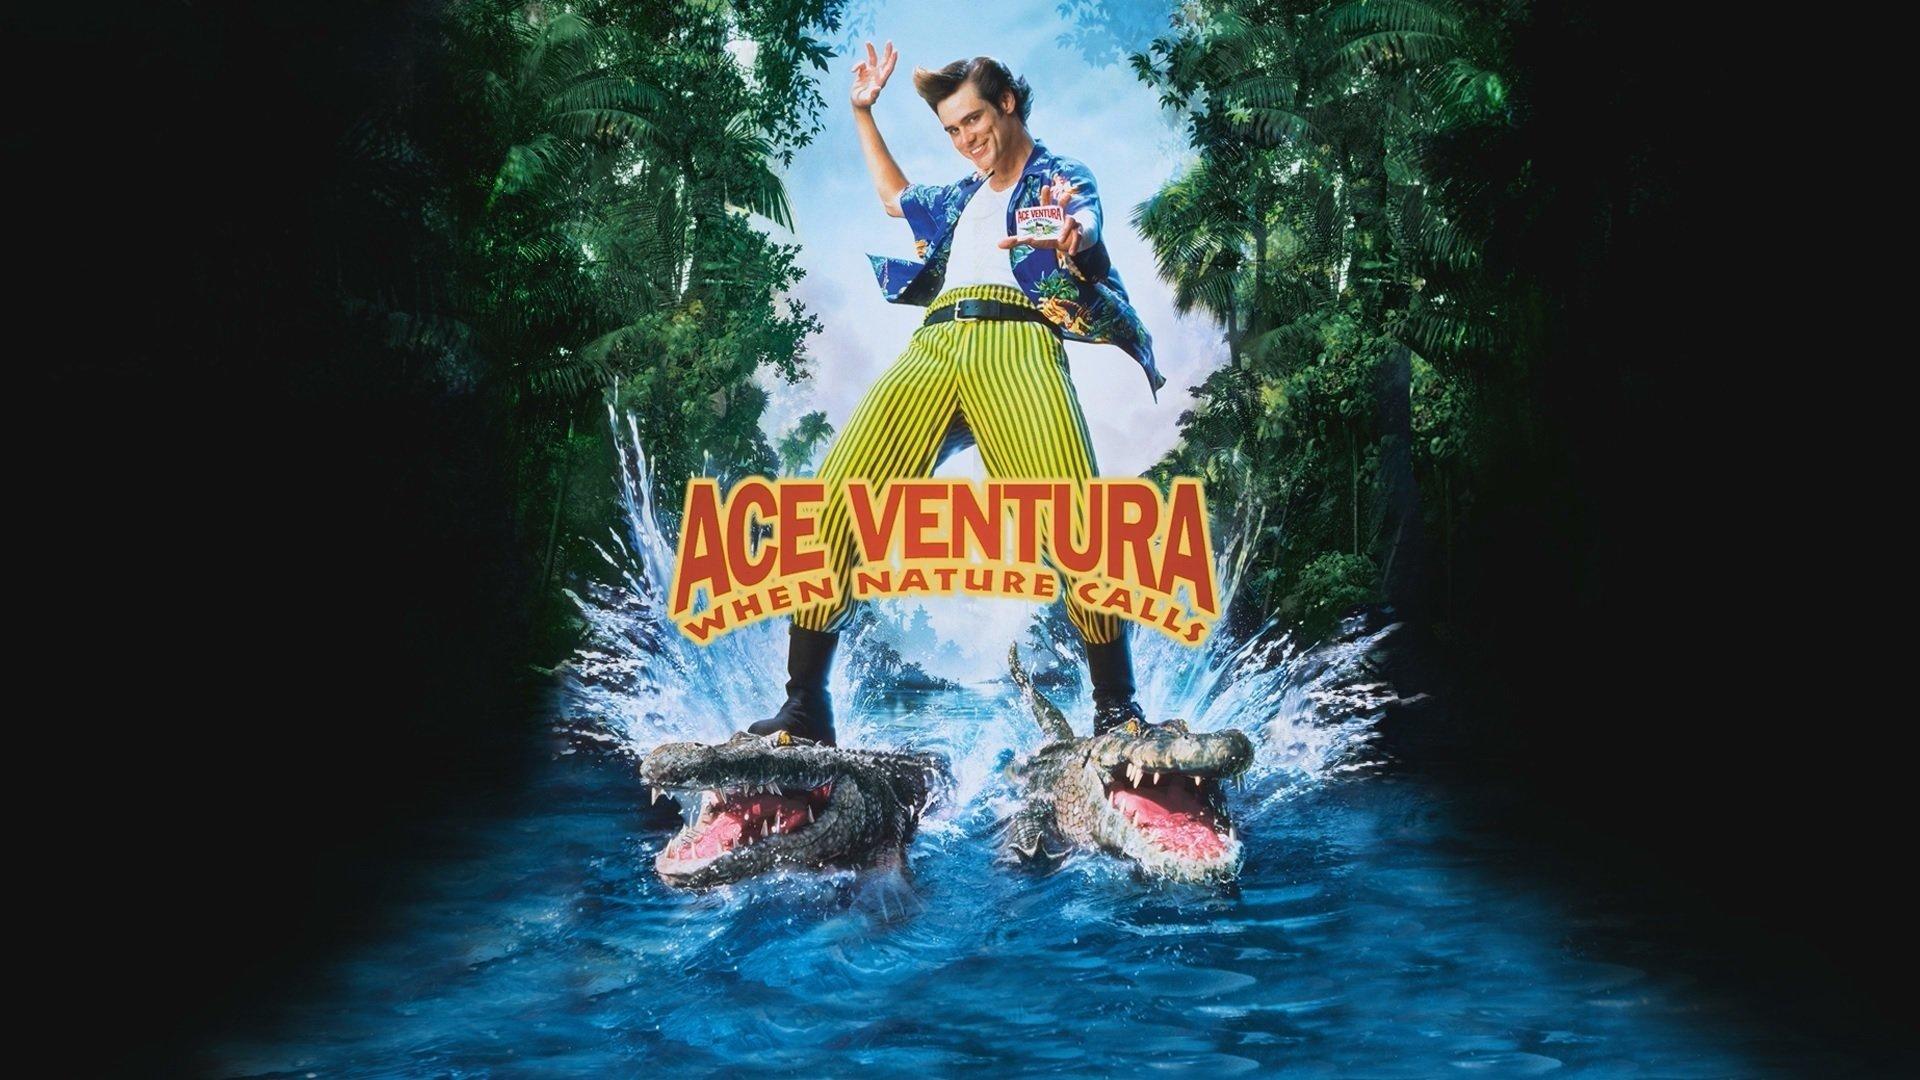 Ace Venture  Full Movie